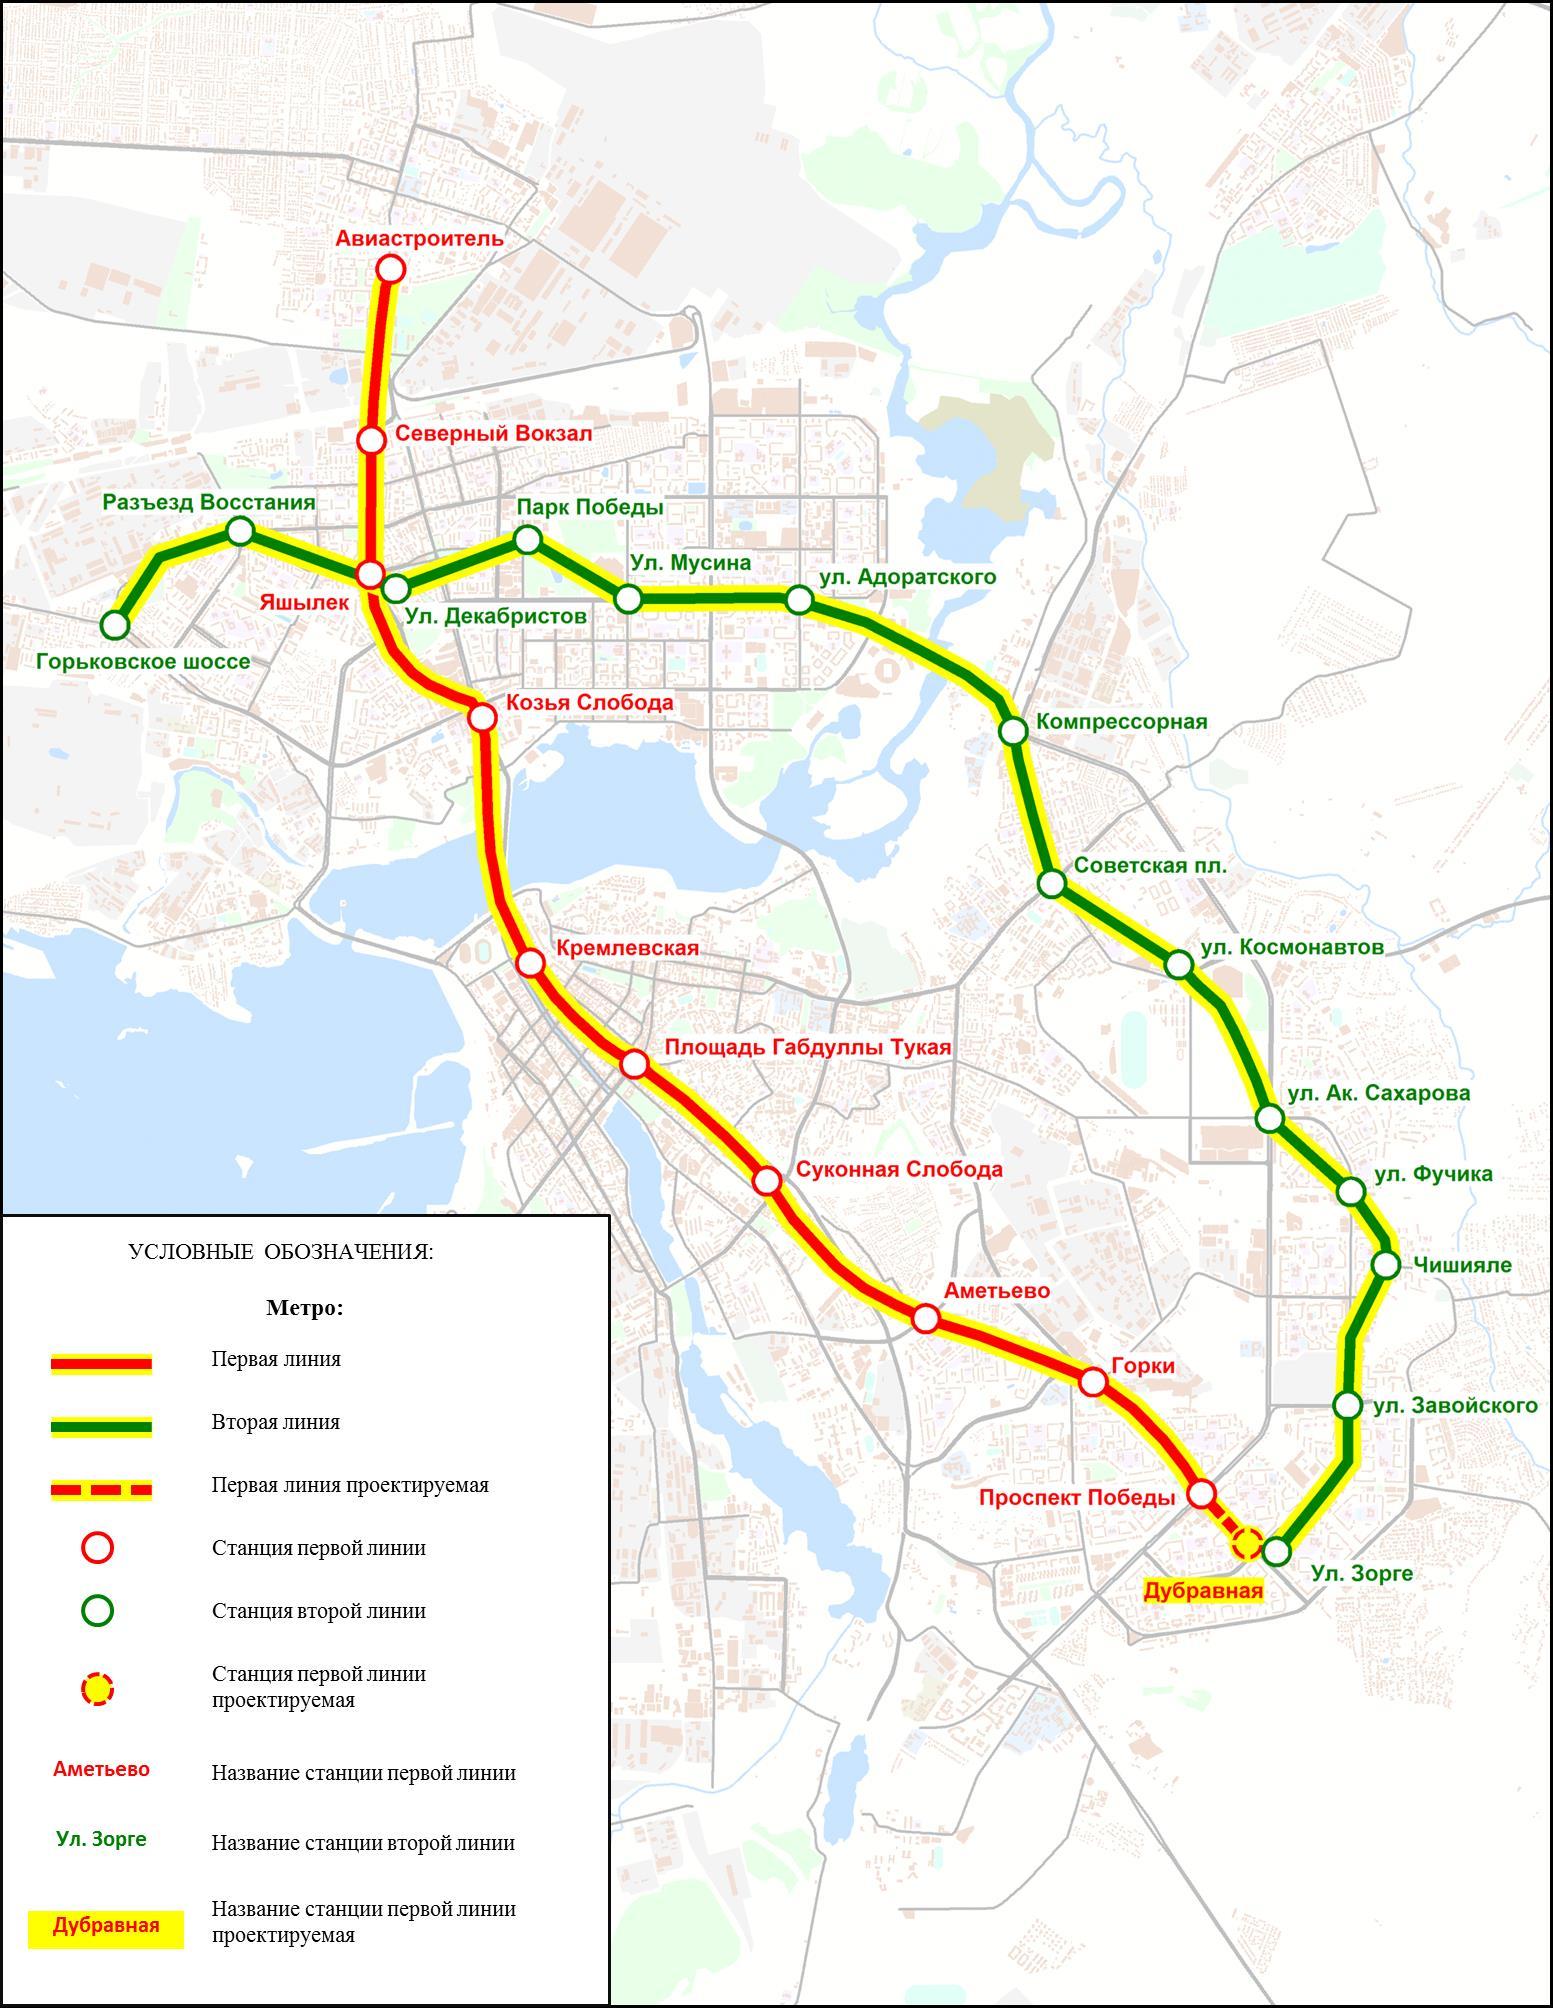 Казанский метрополитен перспективная схема